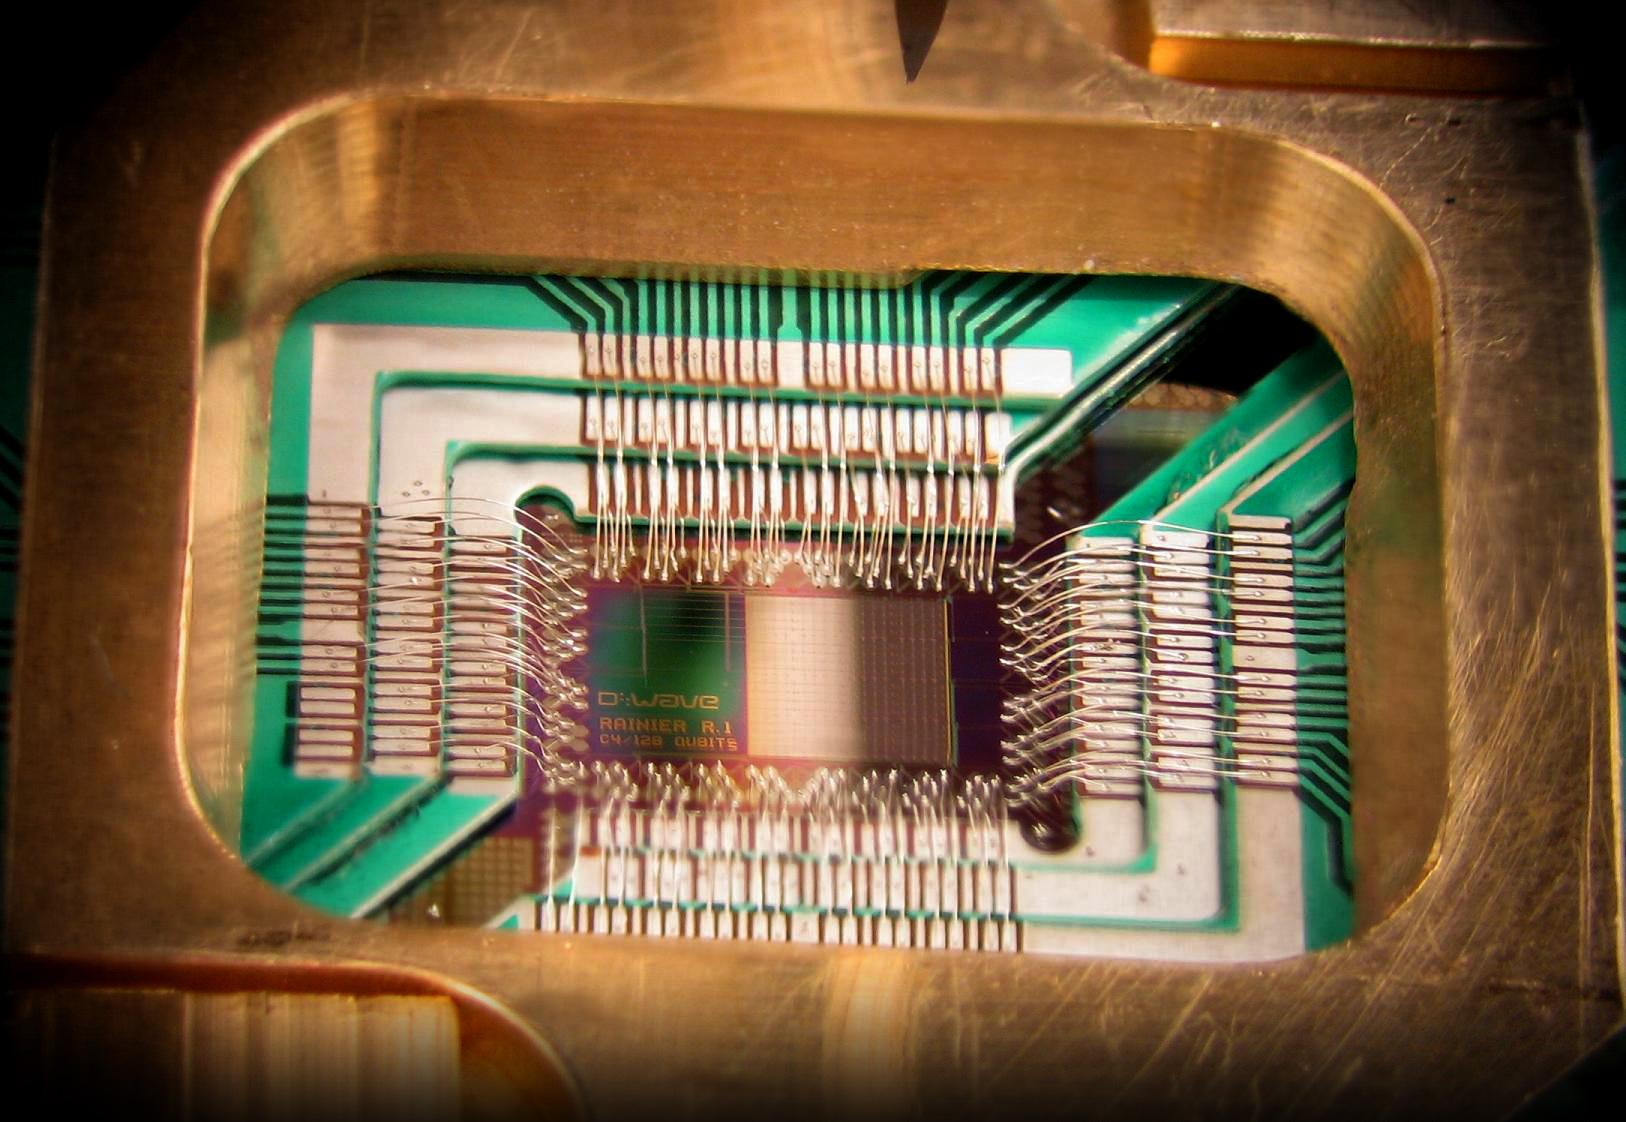 НИСТ просит помощи в создании надежных постквантовых методов шифрования данных - 1